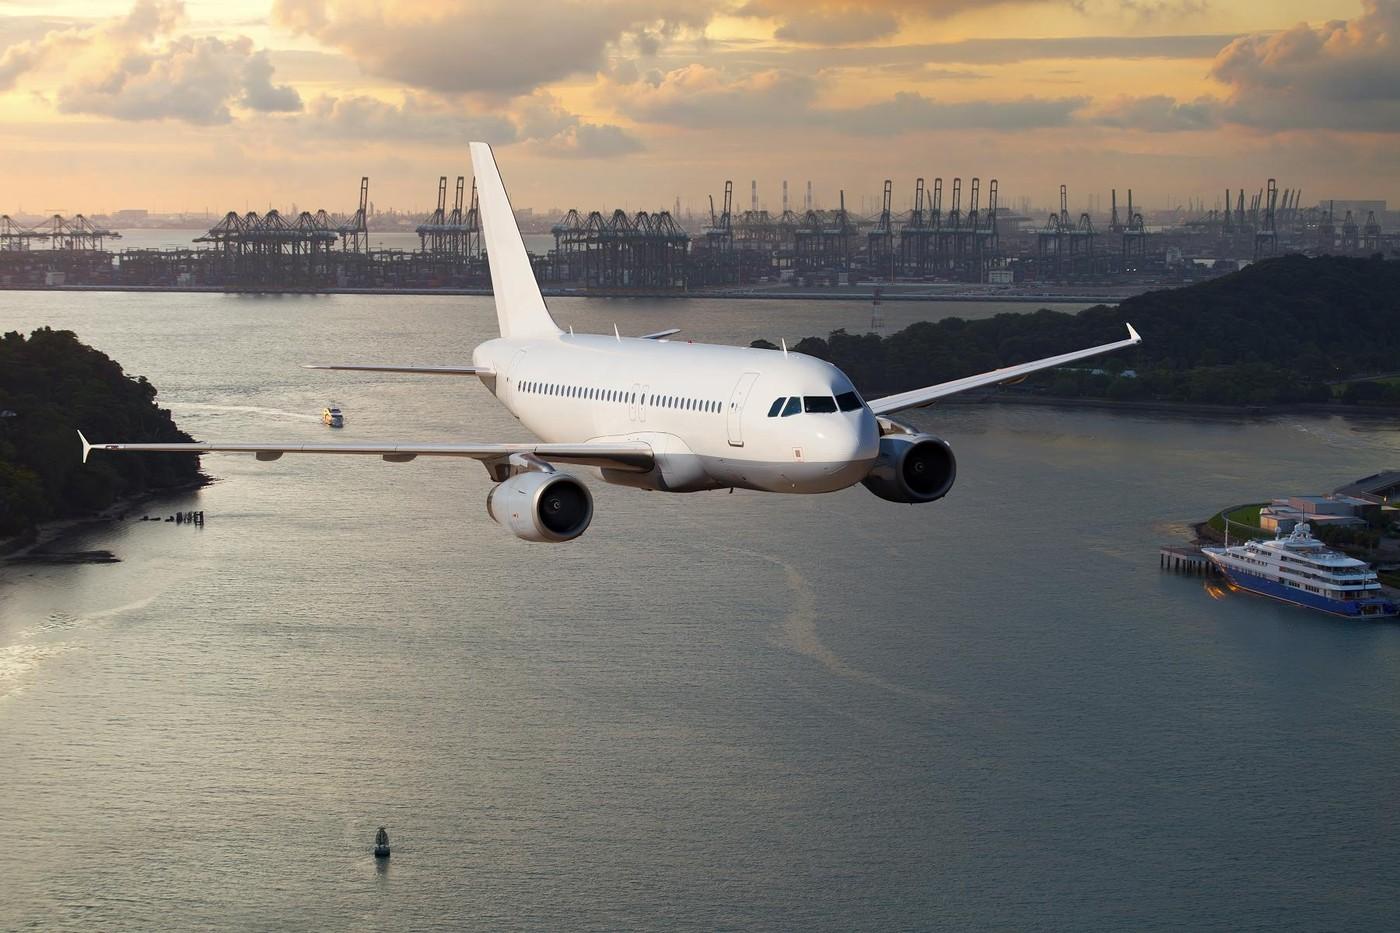 空中版Tinder!沒有網路也能聊的飛航交友app「AirDates 」